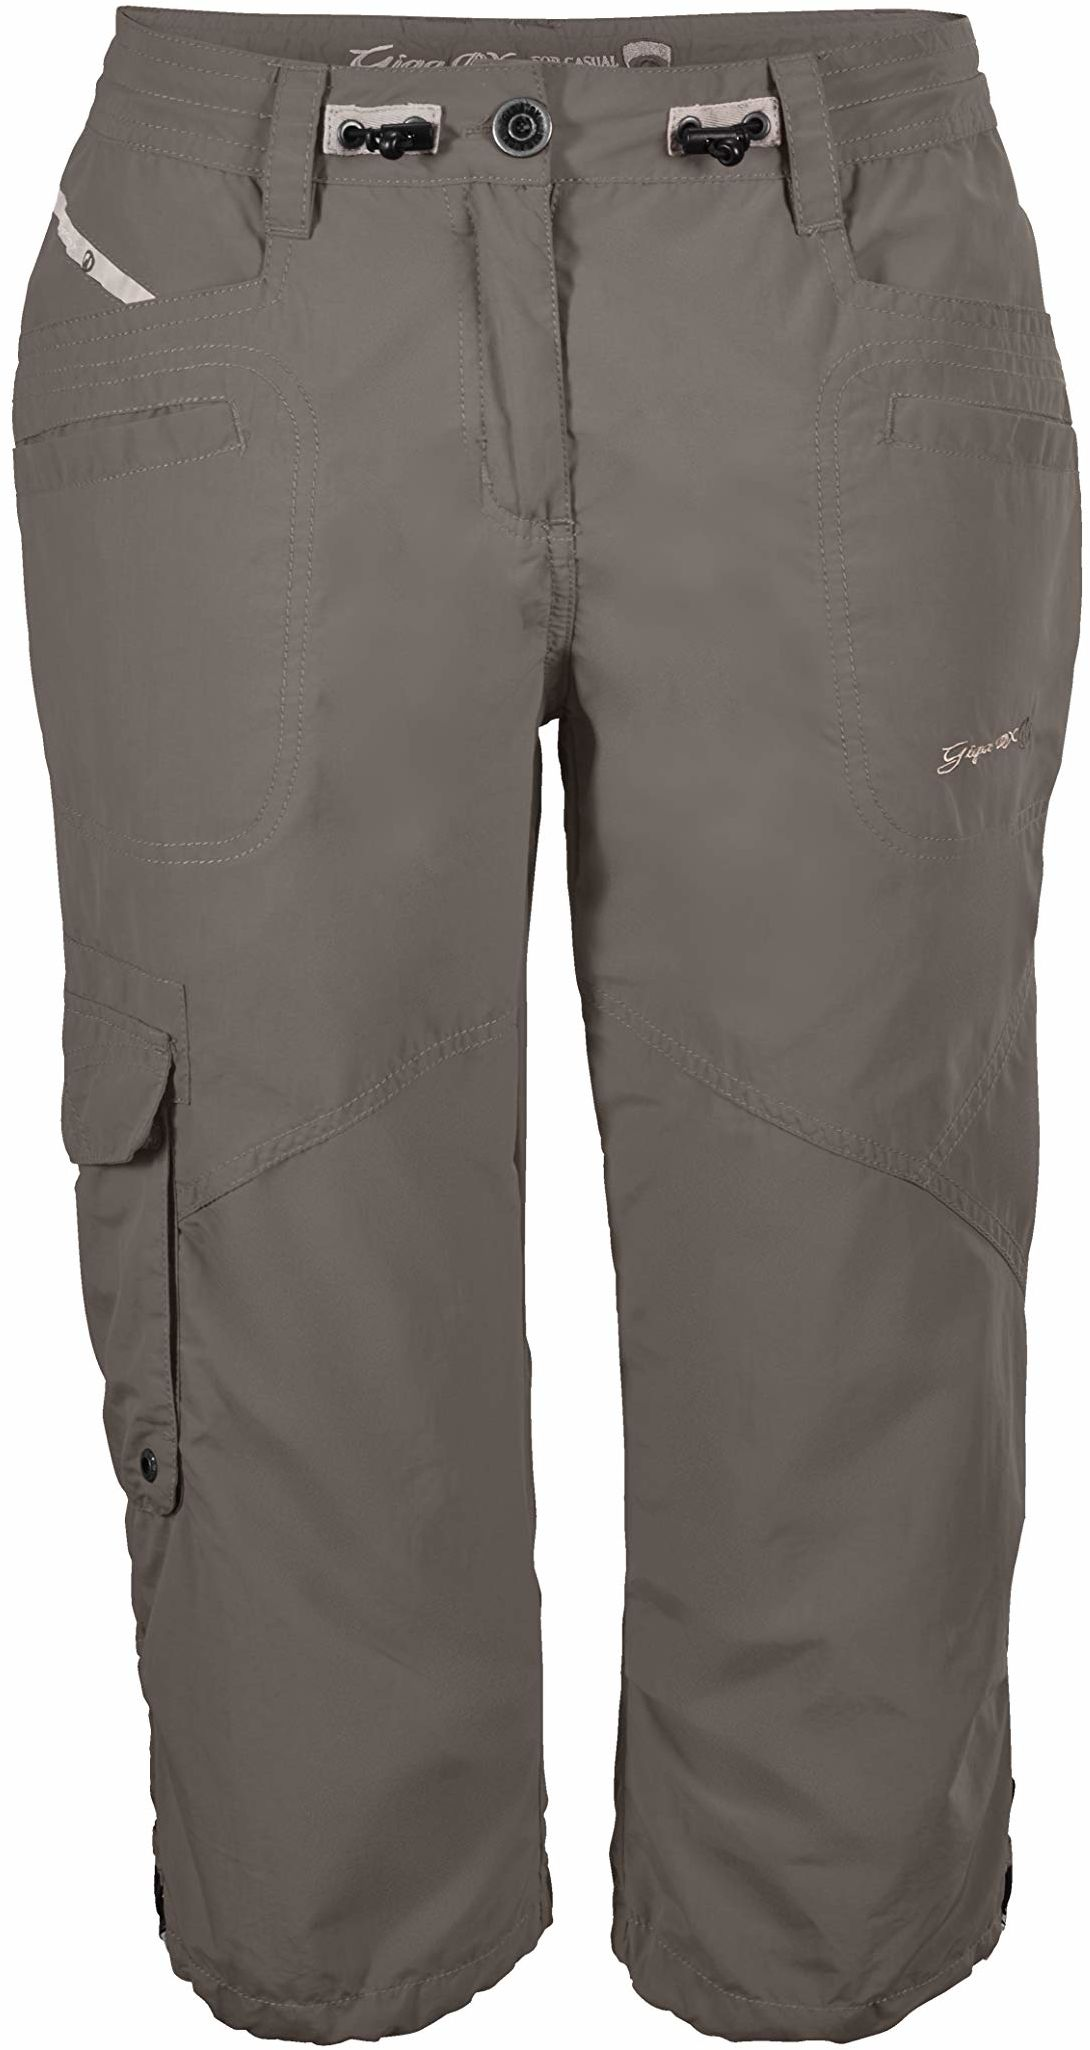 G.I.G.A. DX damskie spodnie typu Capri, 3/4 spodnie cargo na lato, regulowana szerokość w talii beżowy szampański 40